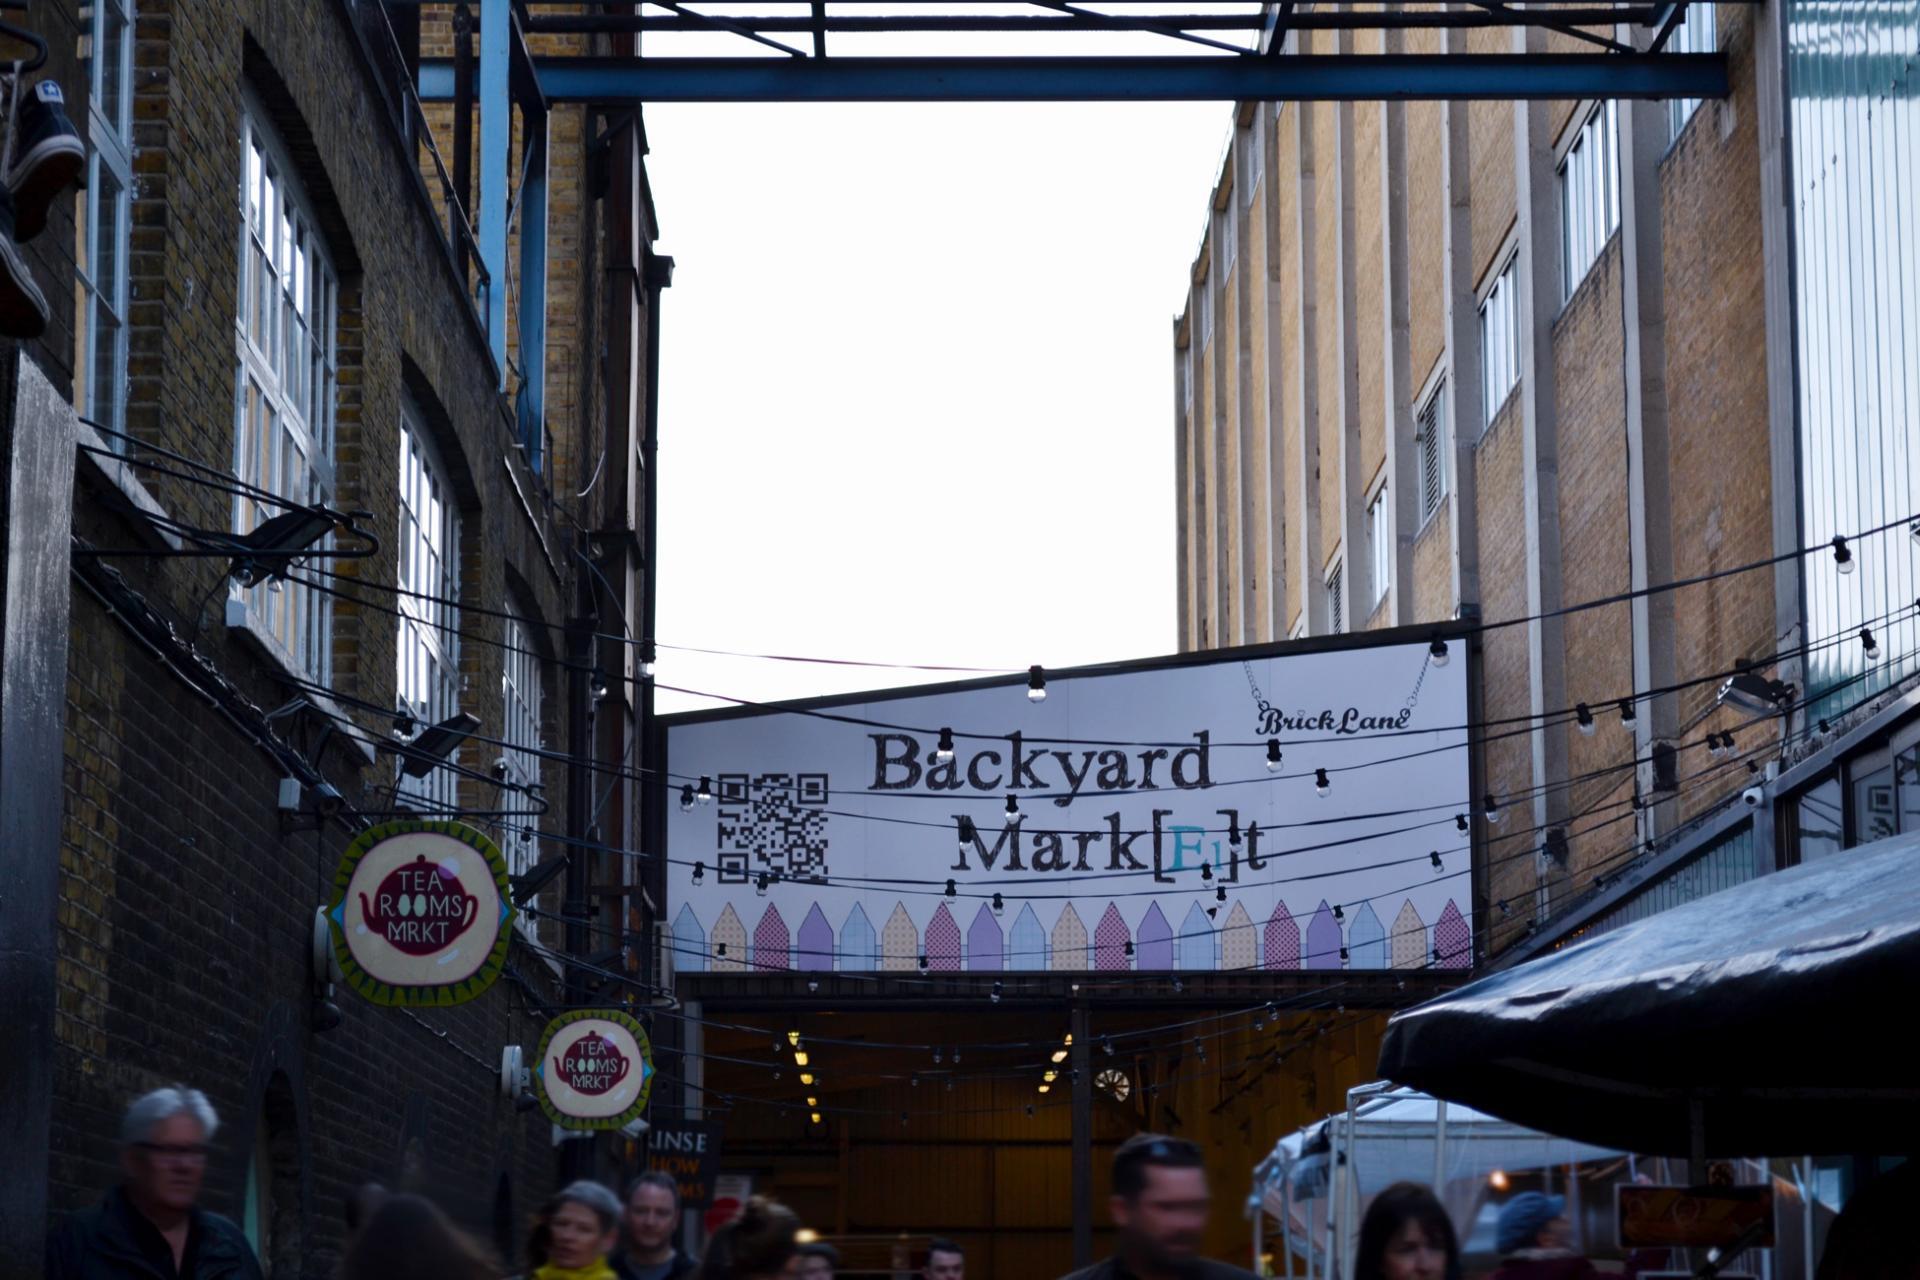 El Backyard Market en Brick Lane